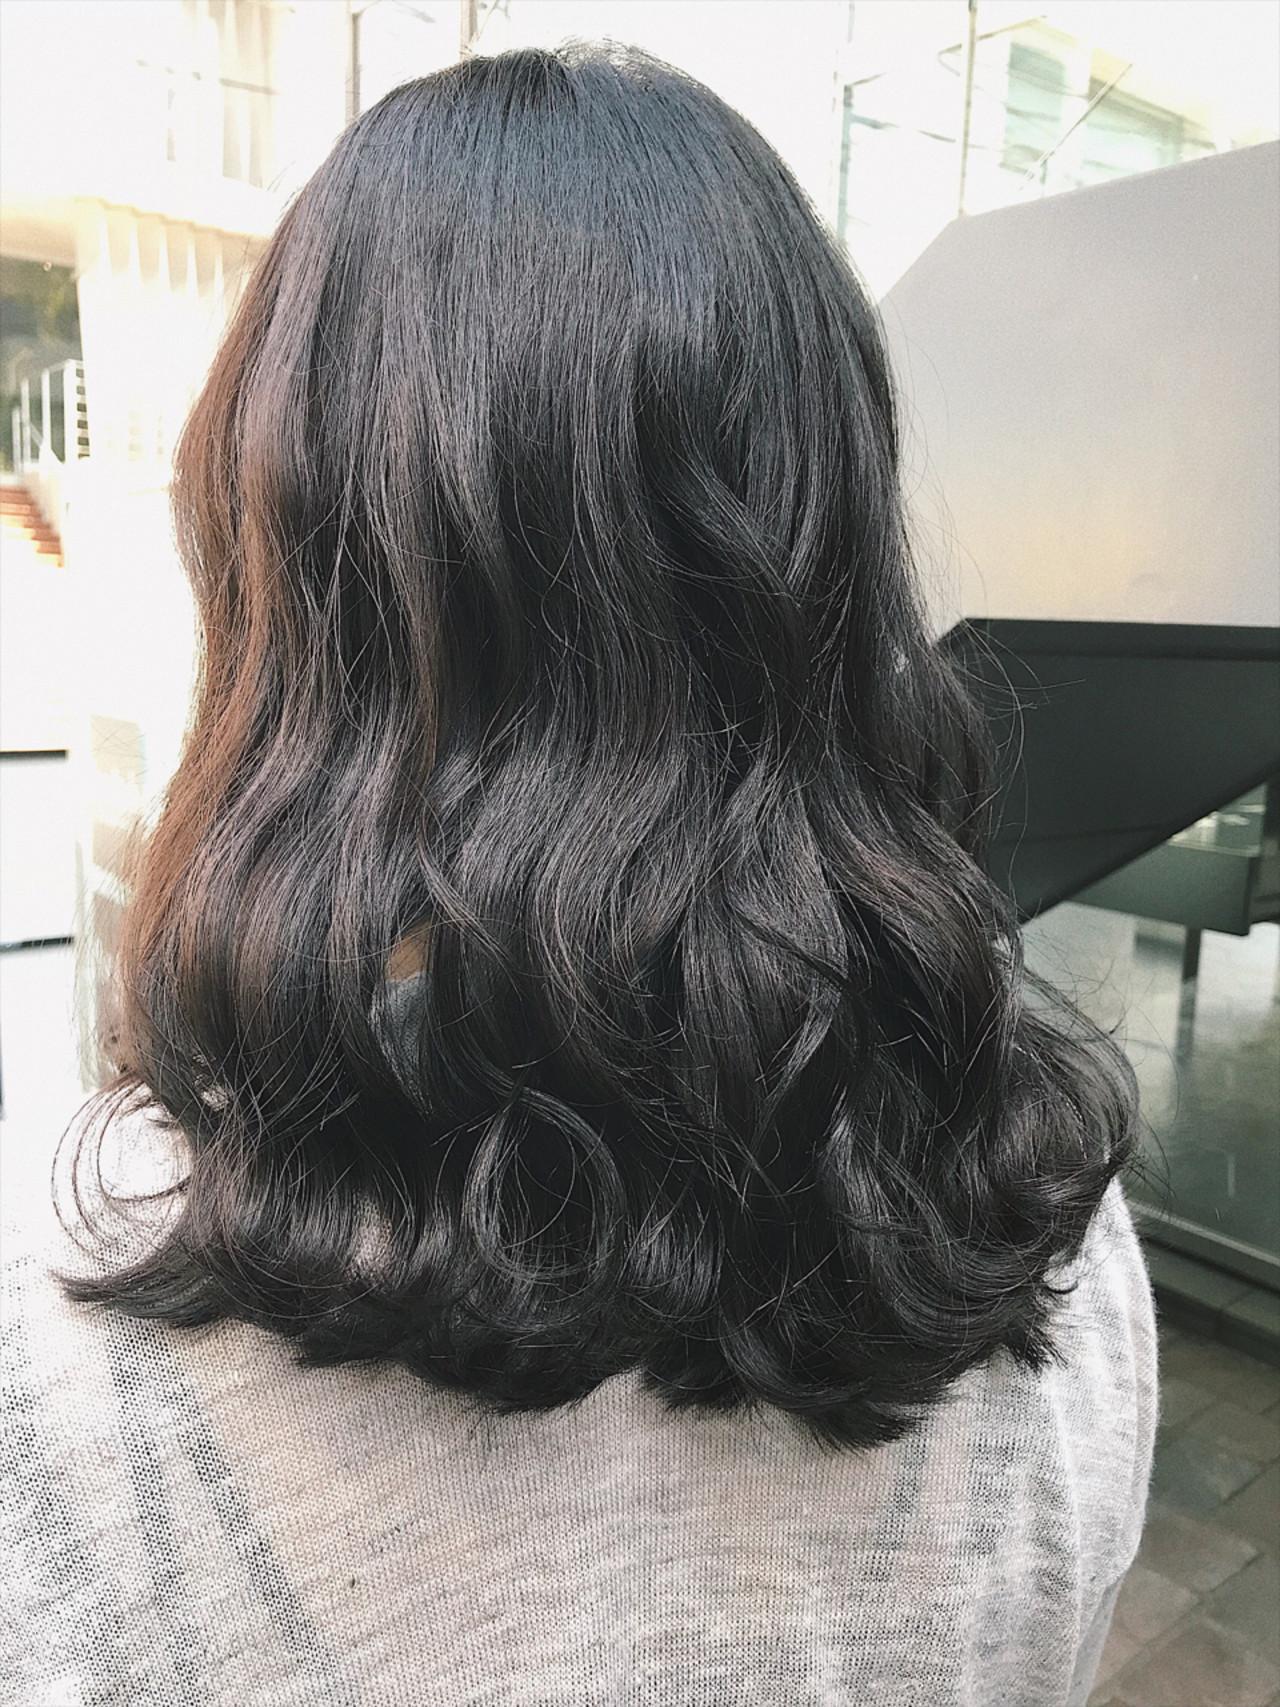 フェミニン アンニュイ ミディアム ヘアアレンジ ヘアスタイルや髪型の写真・画像 | さとうみさ / Sea by Lond 新宿